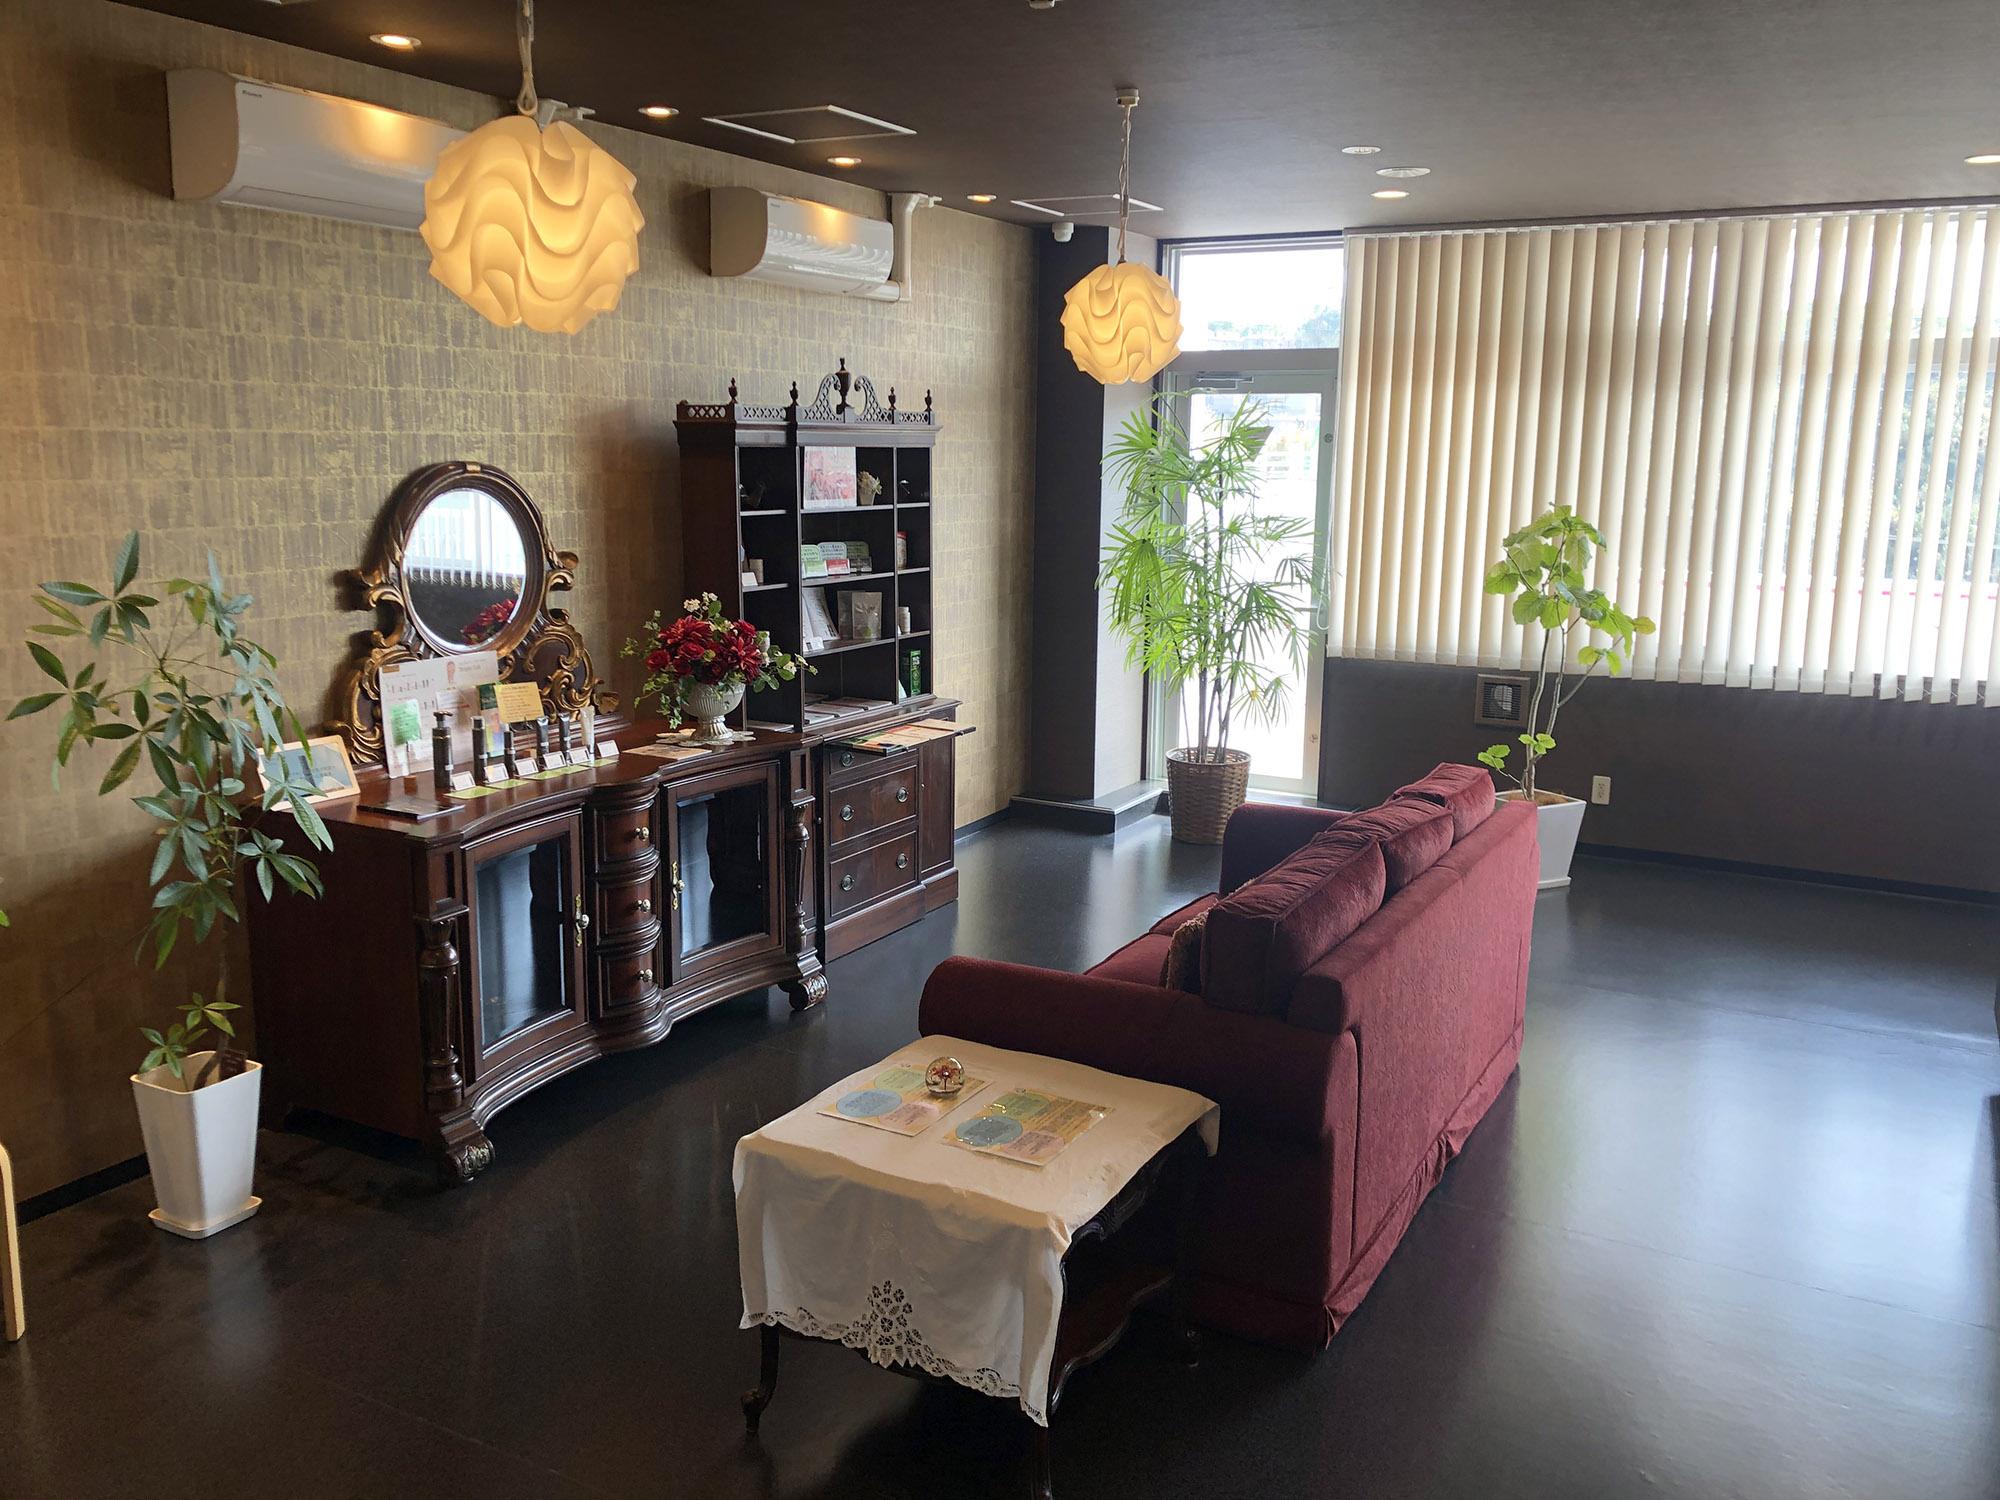 漢方足湯やフェイシャルエステで健康的に美しく♪「Naoko美と健康のサロン」| 浦添市経塚 / CELEBRATIONS maki | Beauty Studio